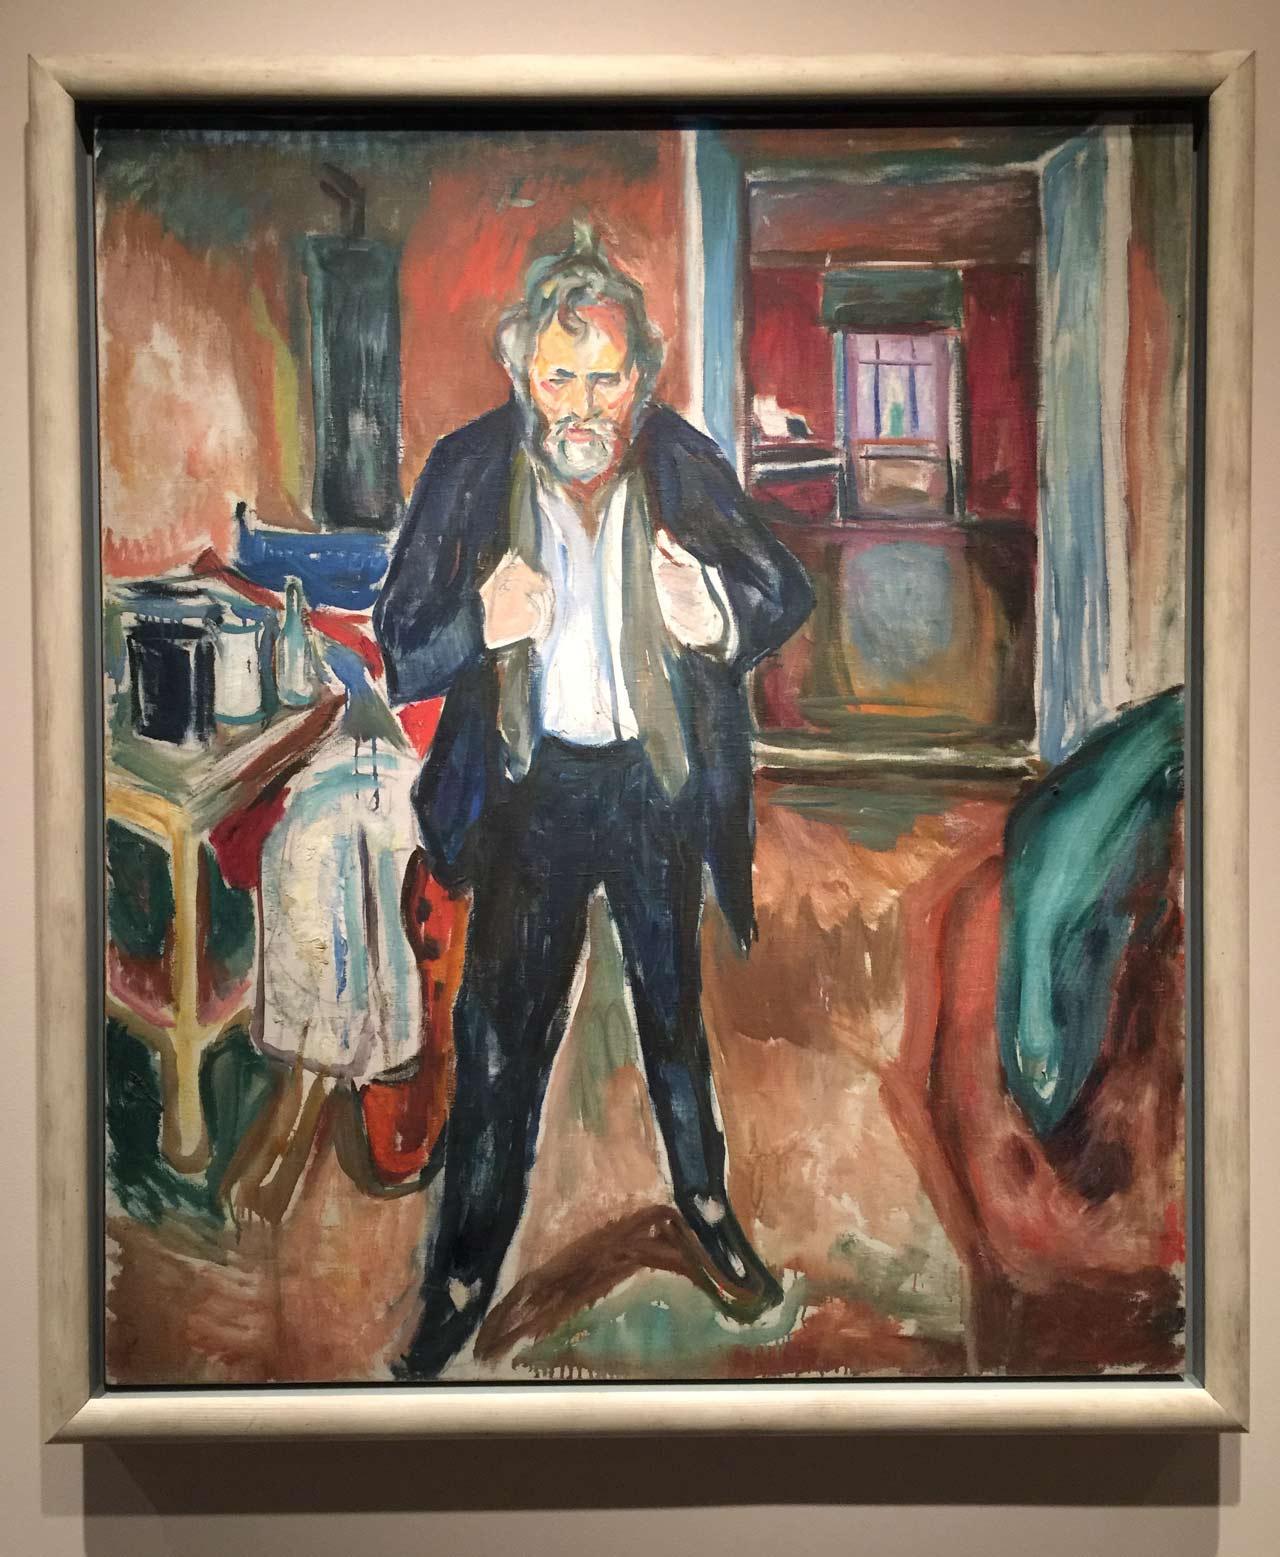 Edvard-Munch-Sleepless-Night-Self-Portrait-Inner-Turmoil-1920-Munch-Museum.jpg